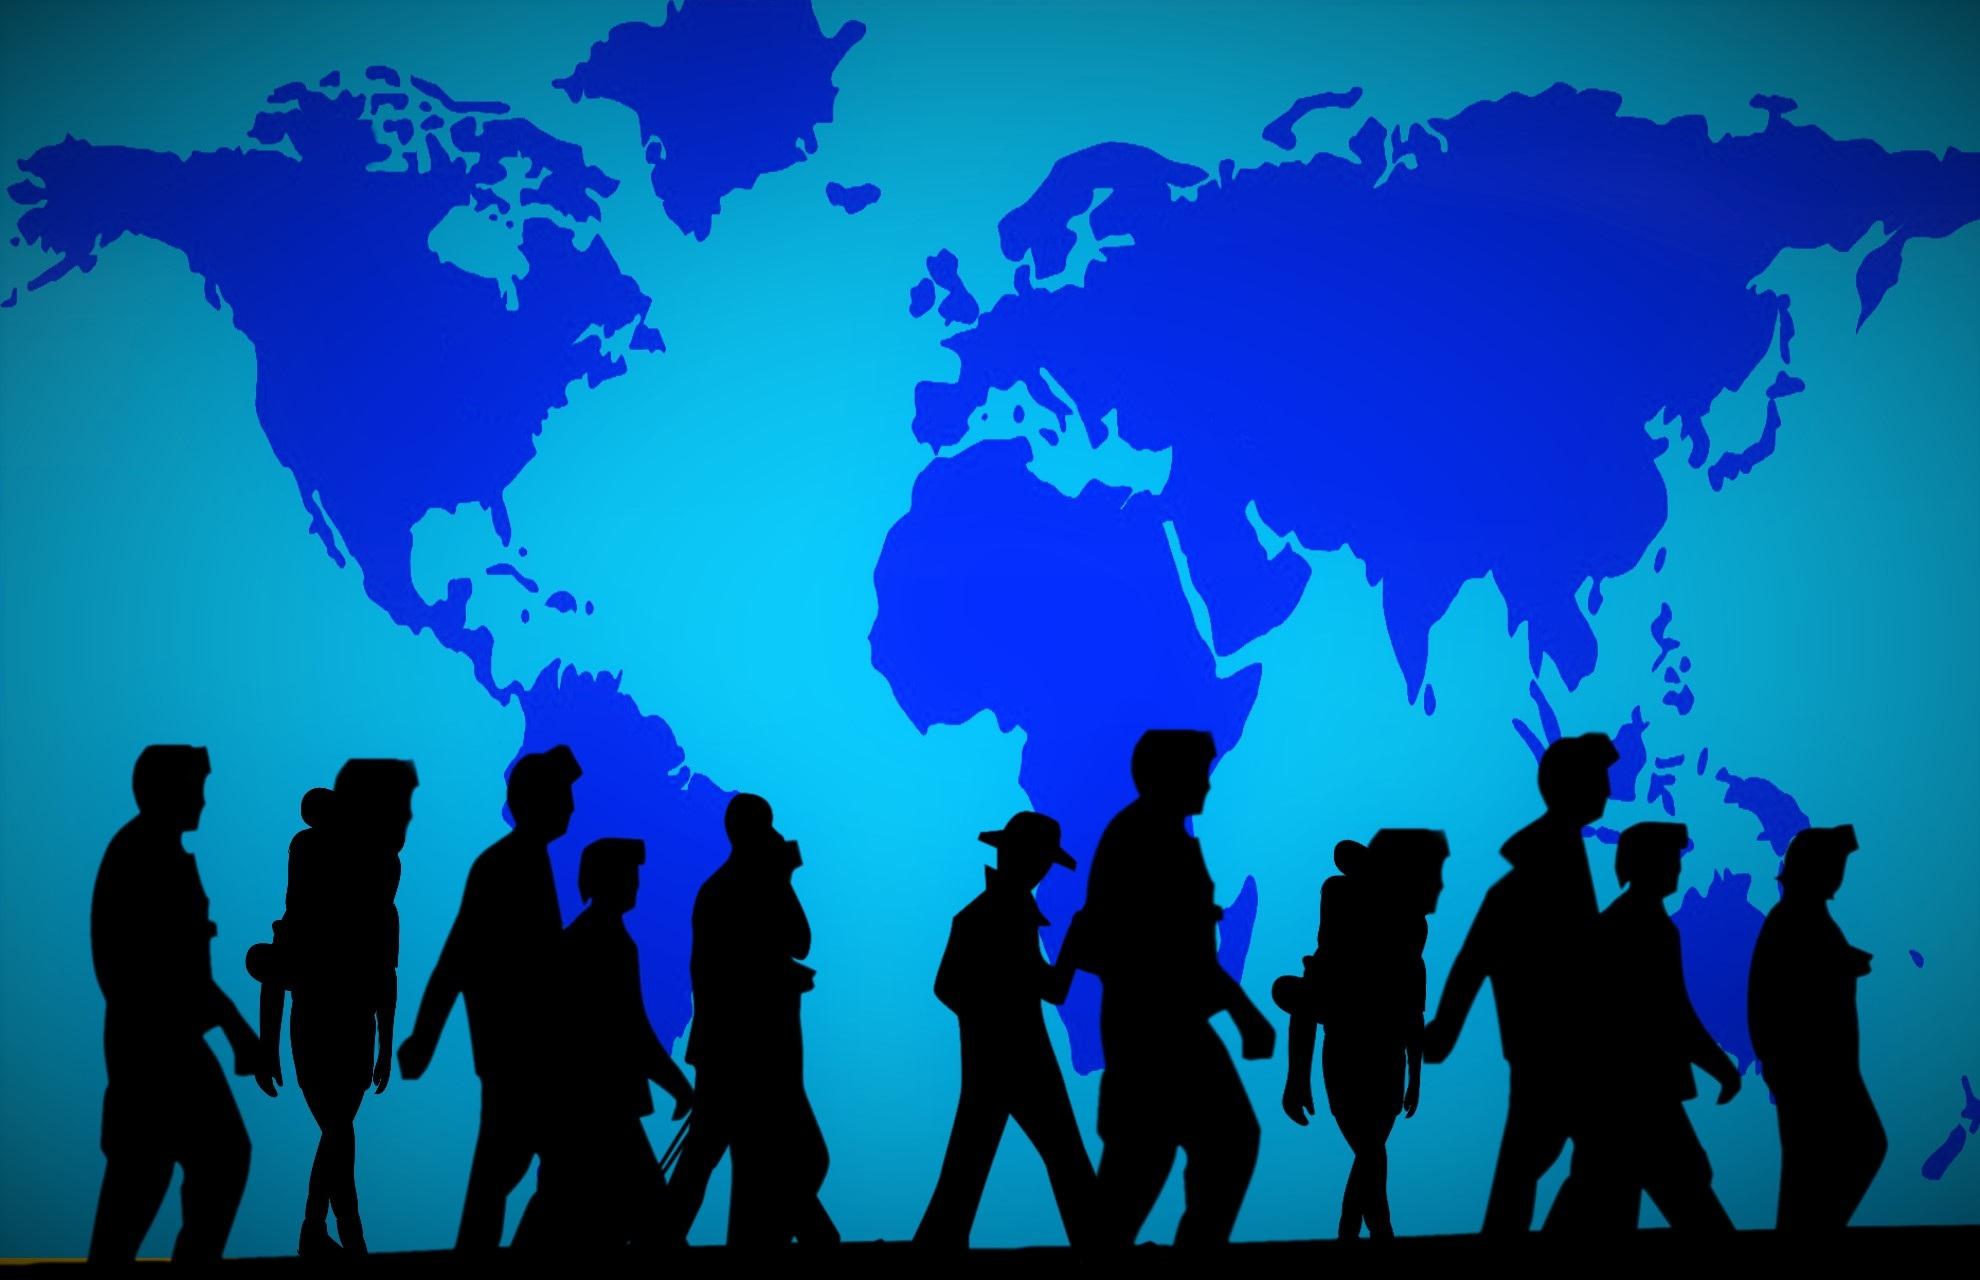 Neues Positionspapier zur Asyl- und Einwanderungspolitik der PDV